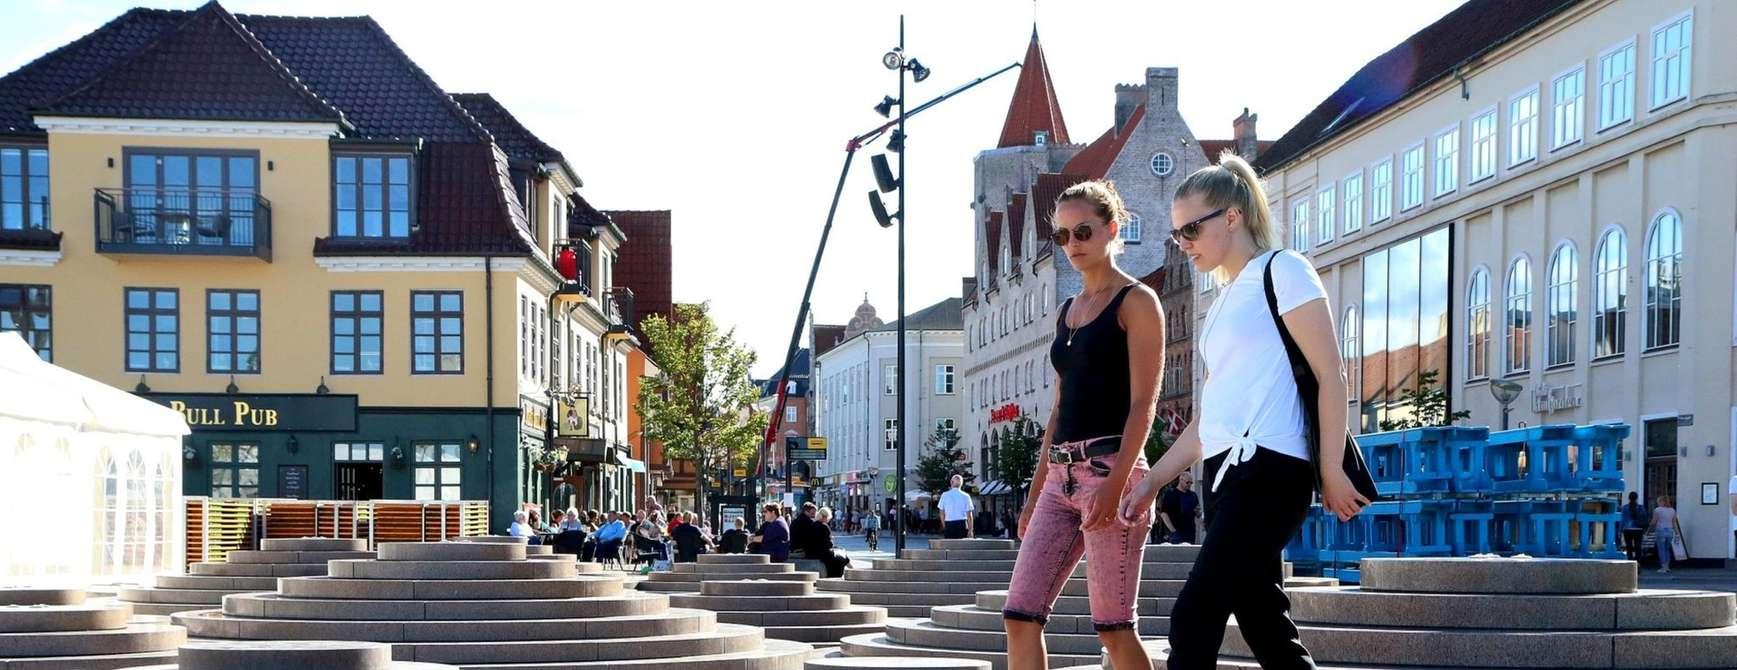 Venninner på gåtur i Aalborg